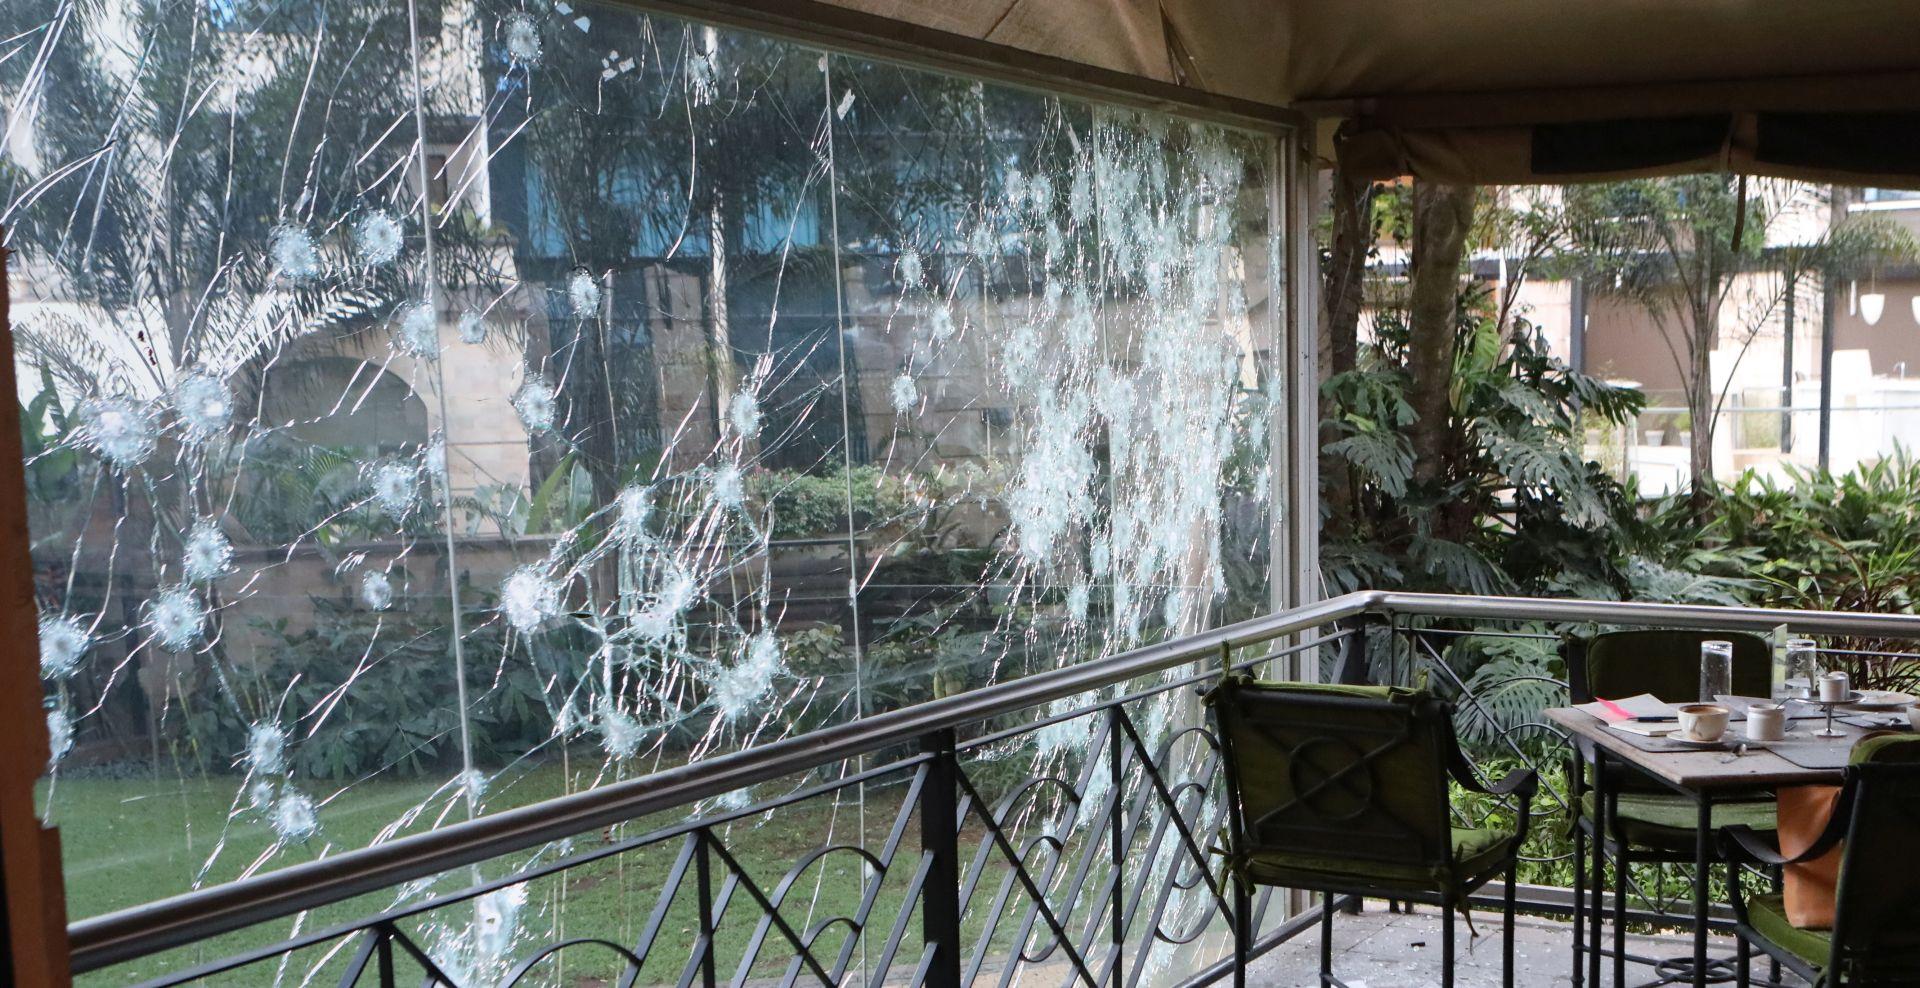 Naoružani napadači ubili 15 ljudi u kenijskom hotelskom kompleksu